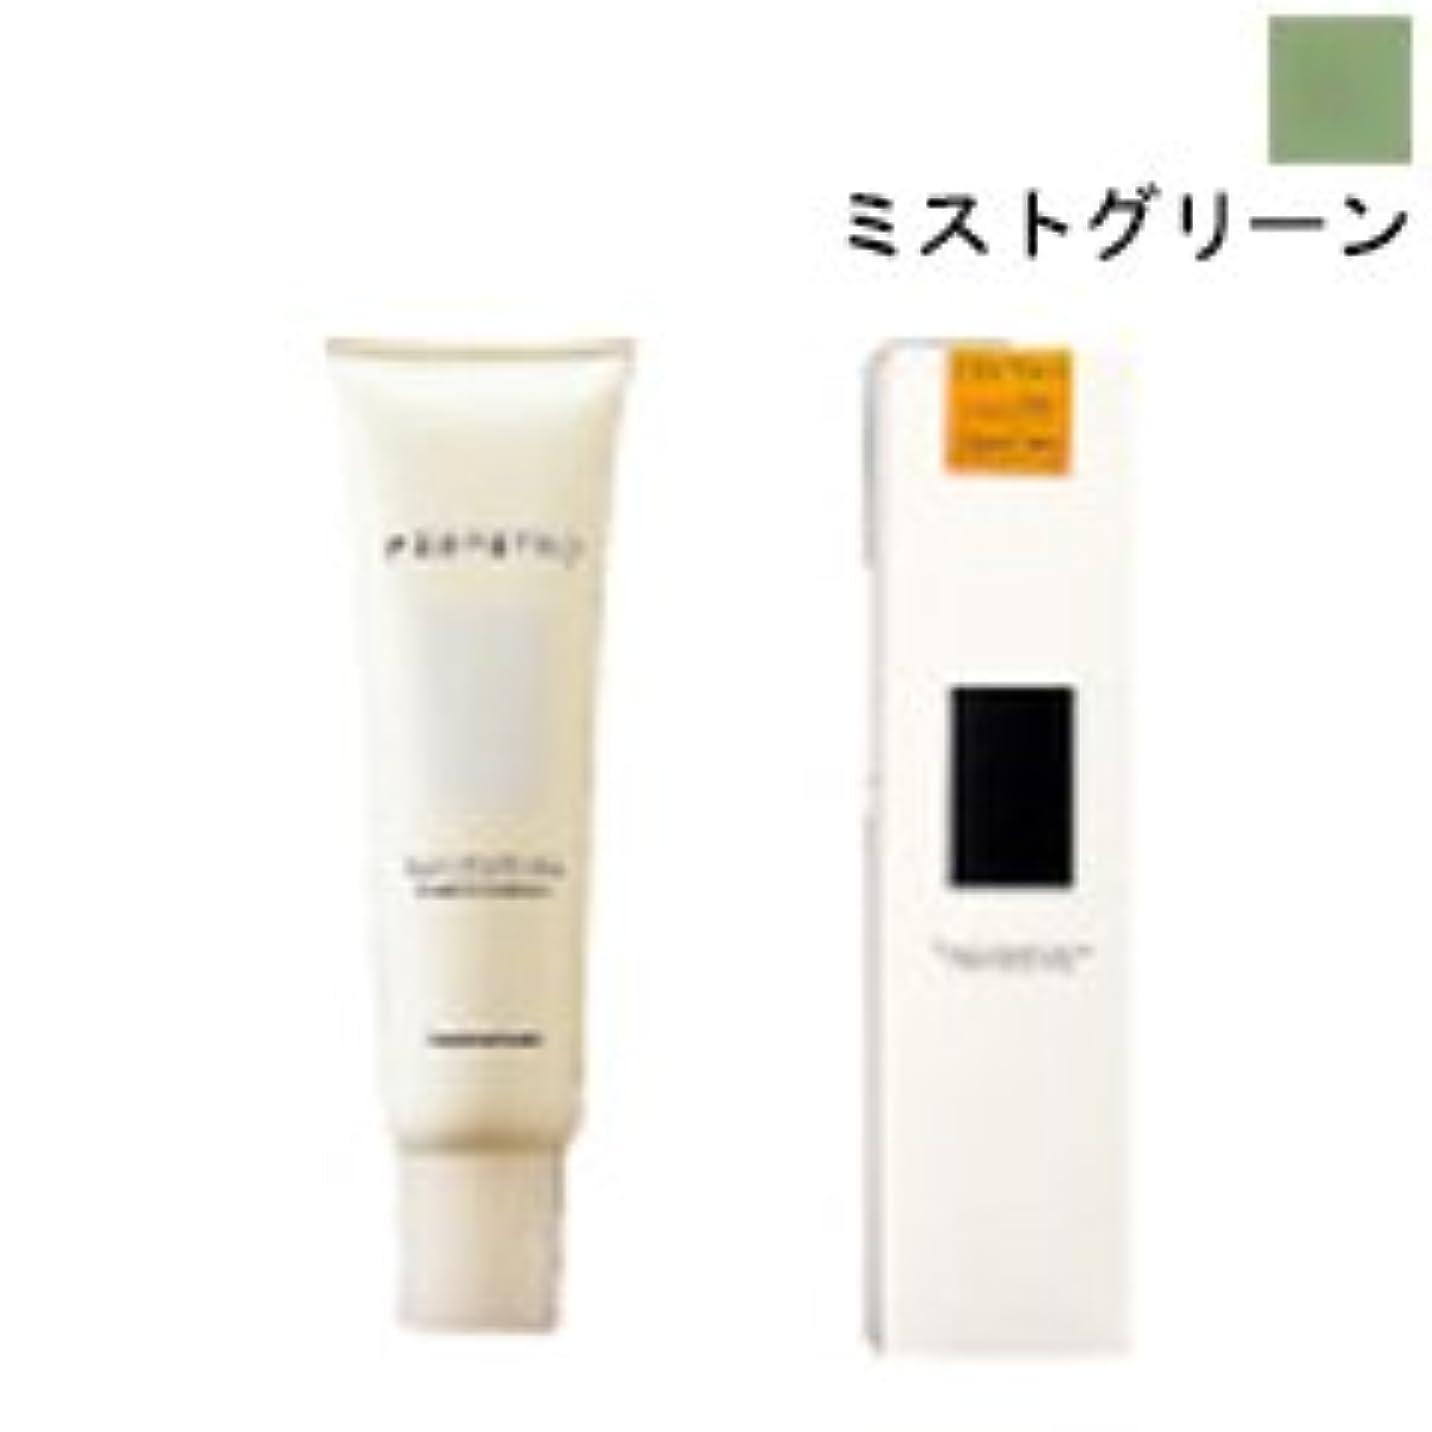 キャンセル半円キウイ【ナンバースリー】パーフェットカラー ミストグリーン 150g